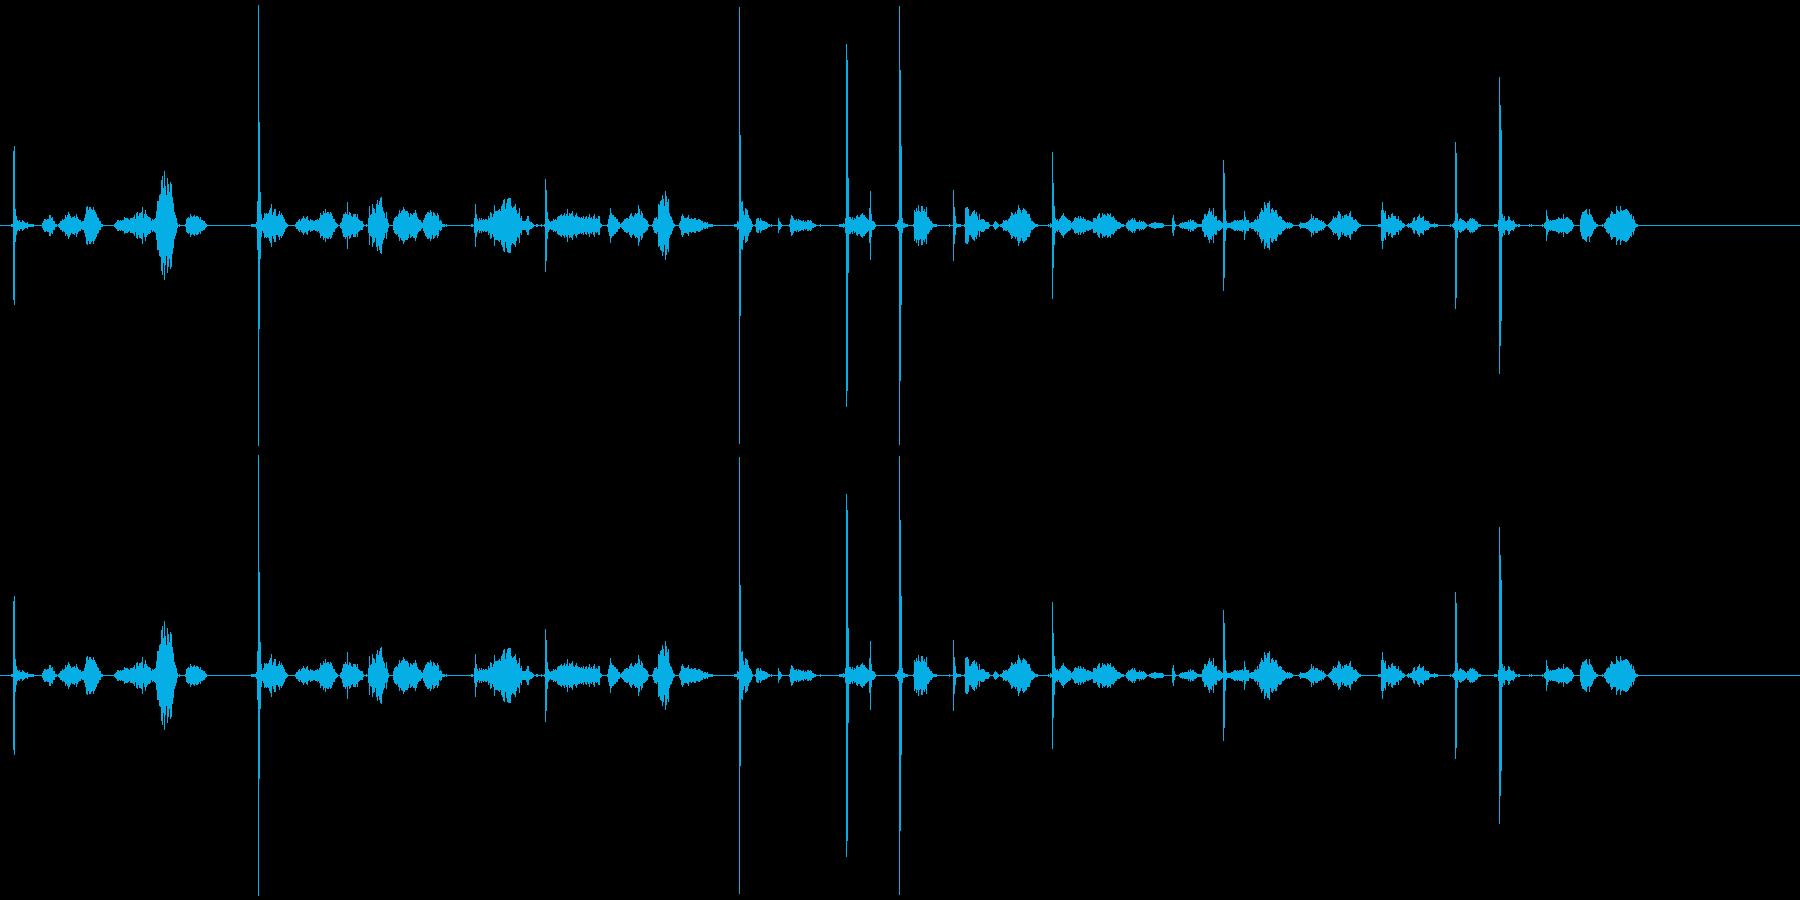 かりかり(鉛筆で文字を書く音)①の再生済みの波形